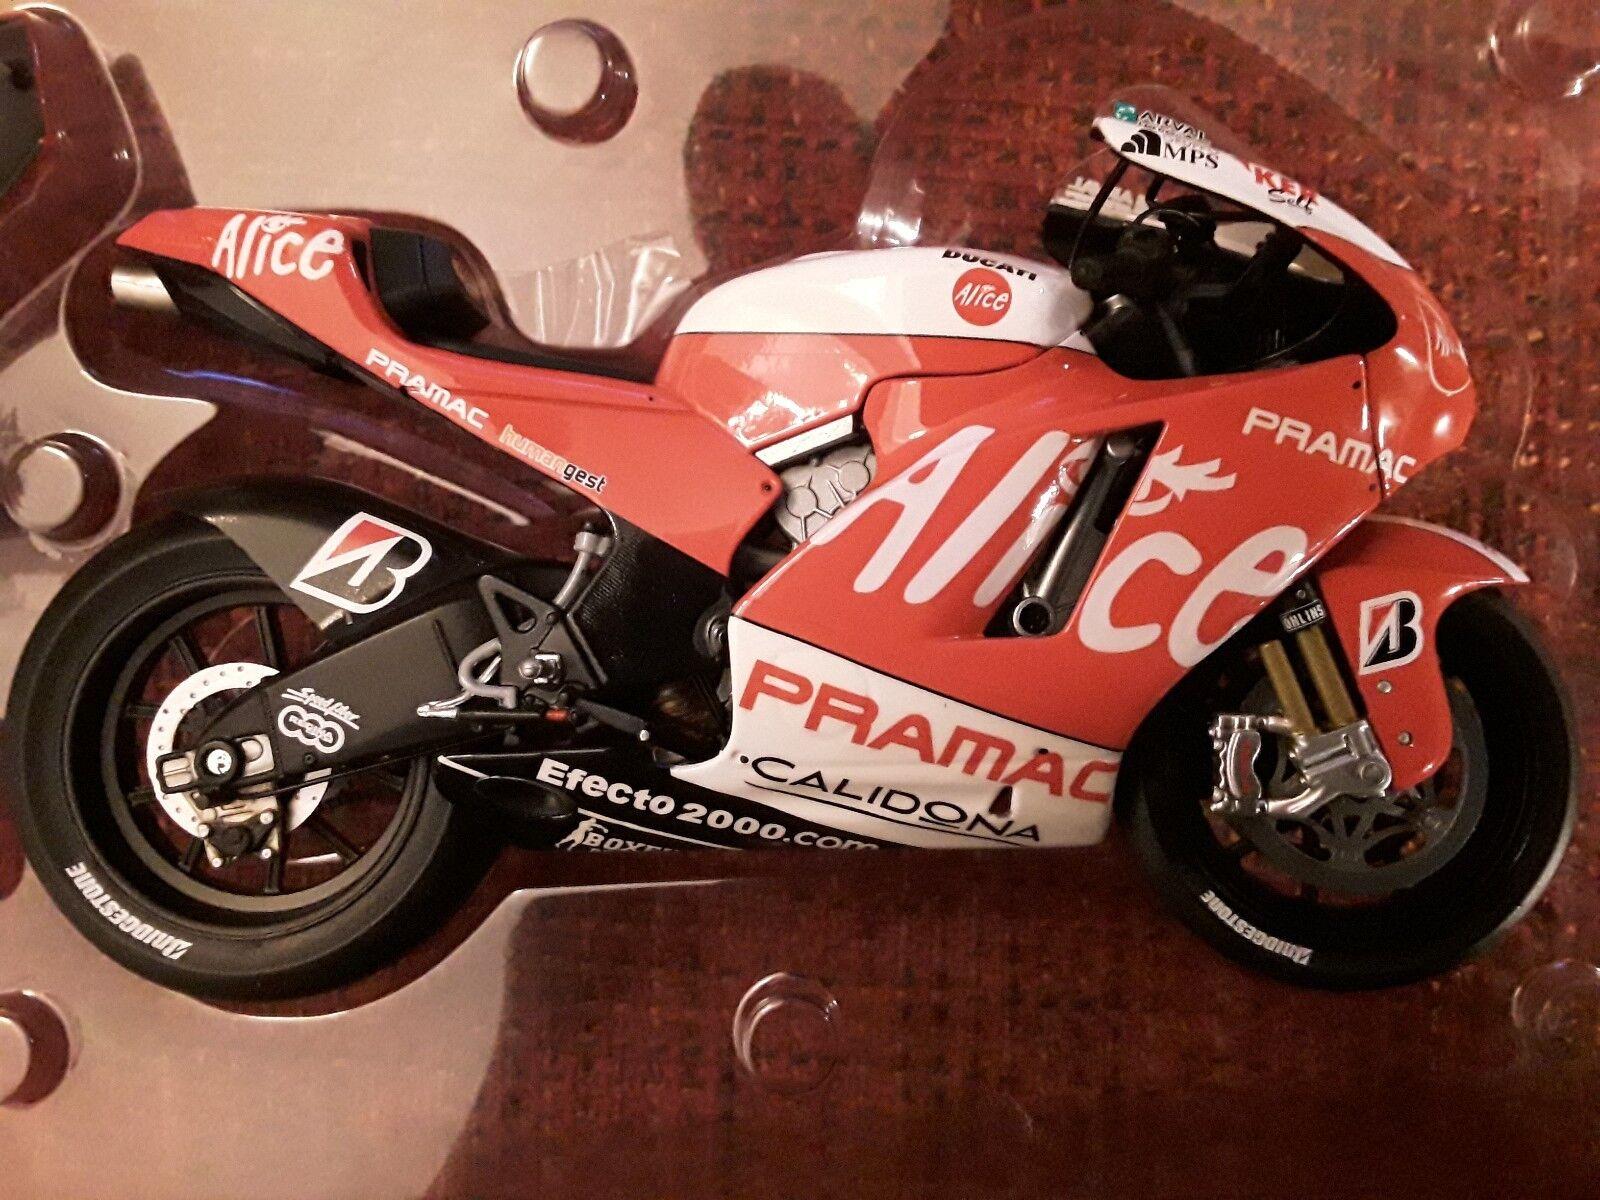 Ducati desmosdici gp8  a. Elias  motogp 2008  1 12 Minichamps 122080024